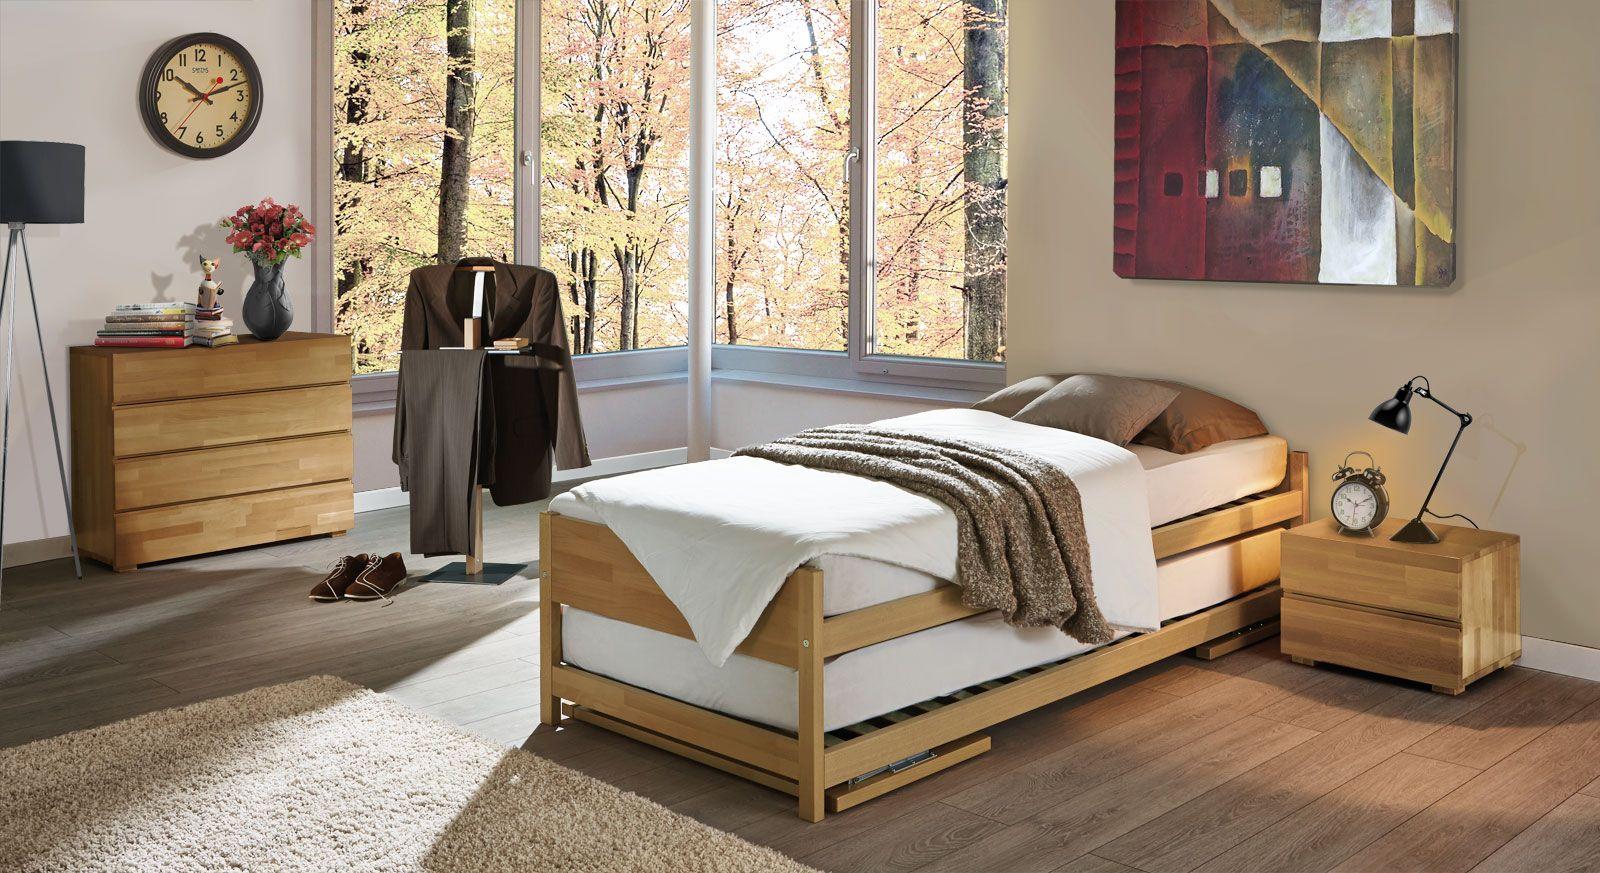 Full Size of Monika Stagl Monikastagl Auf Pinterest Dänisches Bettenlager Badezimmer Wohnzimmer Stapelbetten Dänisches Bettenlager